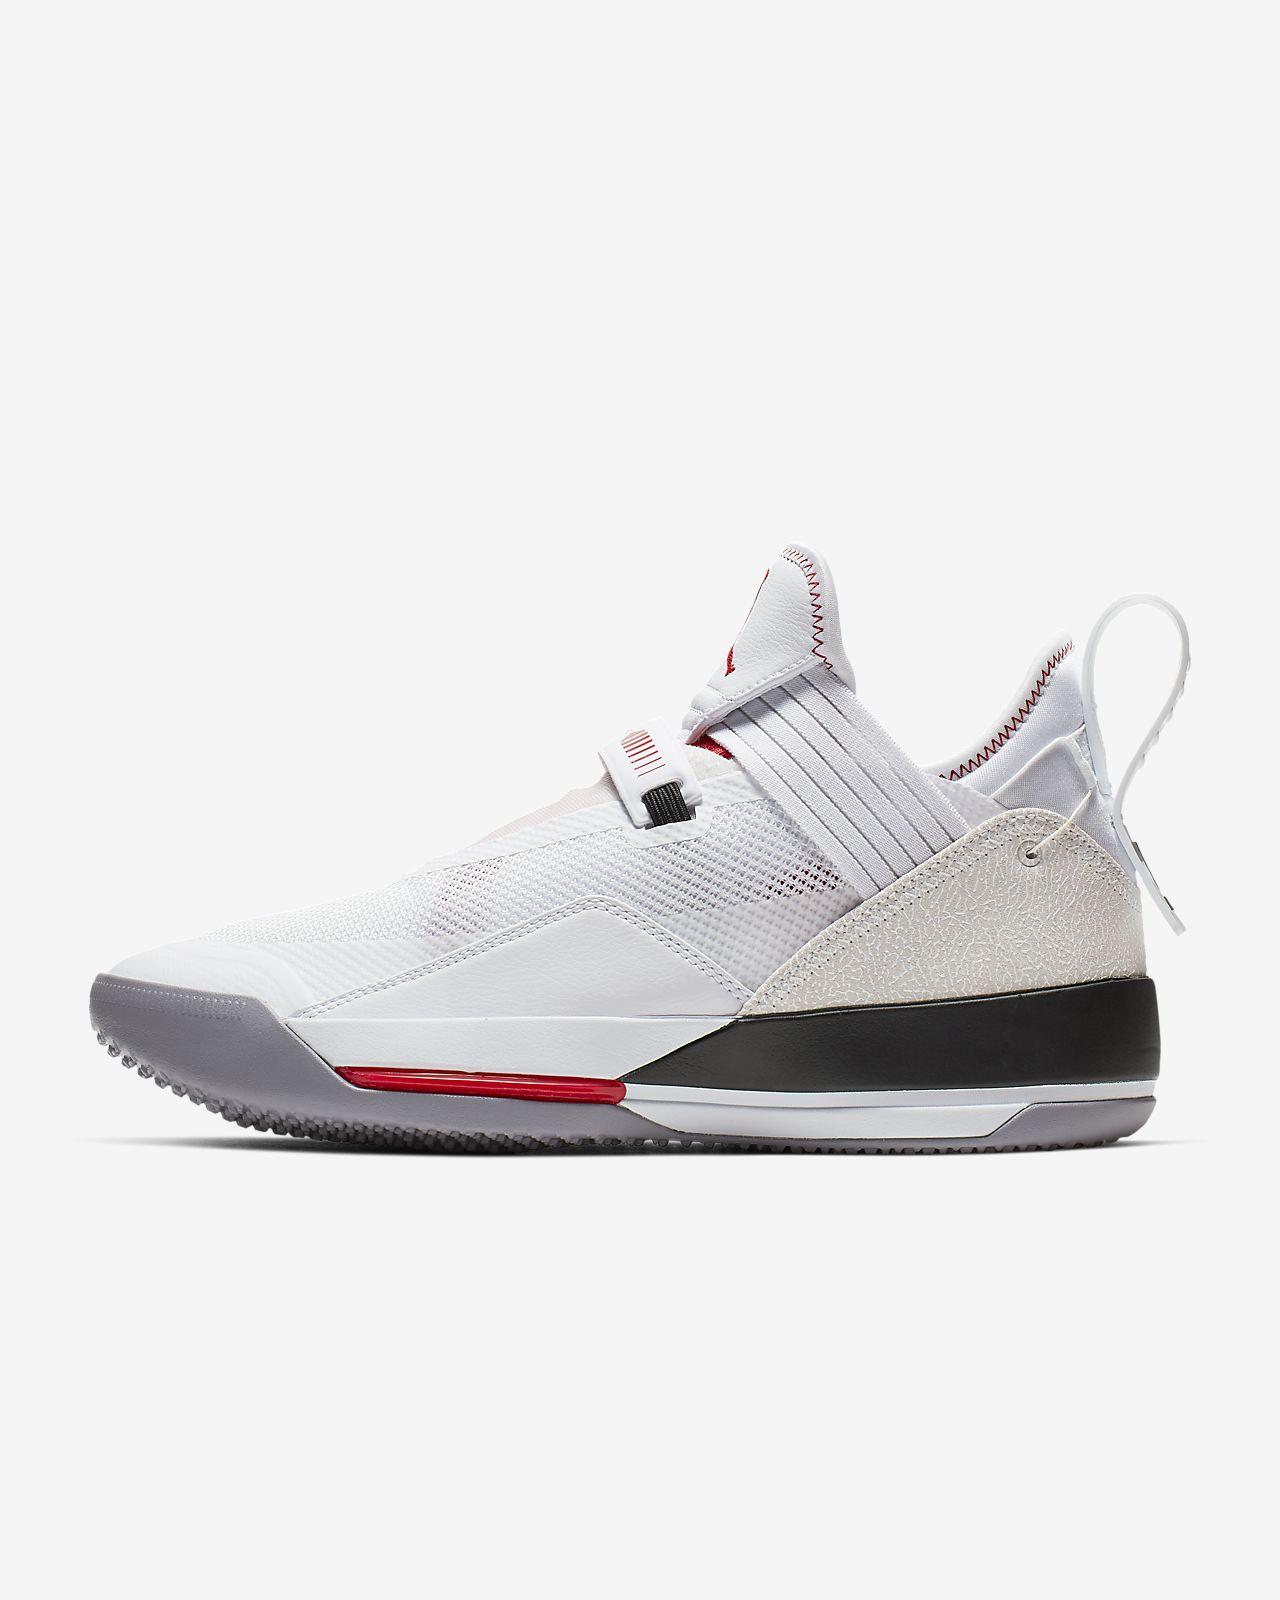 รองเท้าบาสเก็ตบอล Air Jordan XXXIII SE